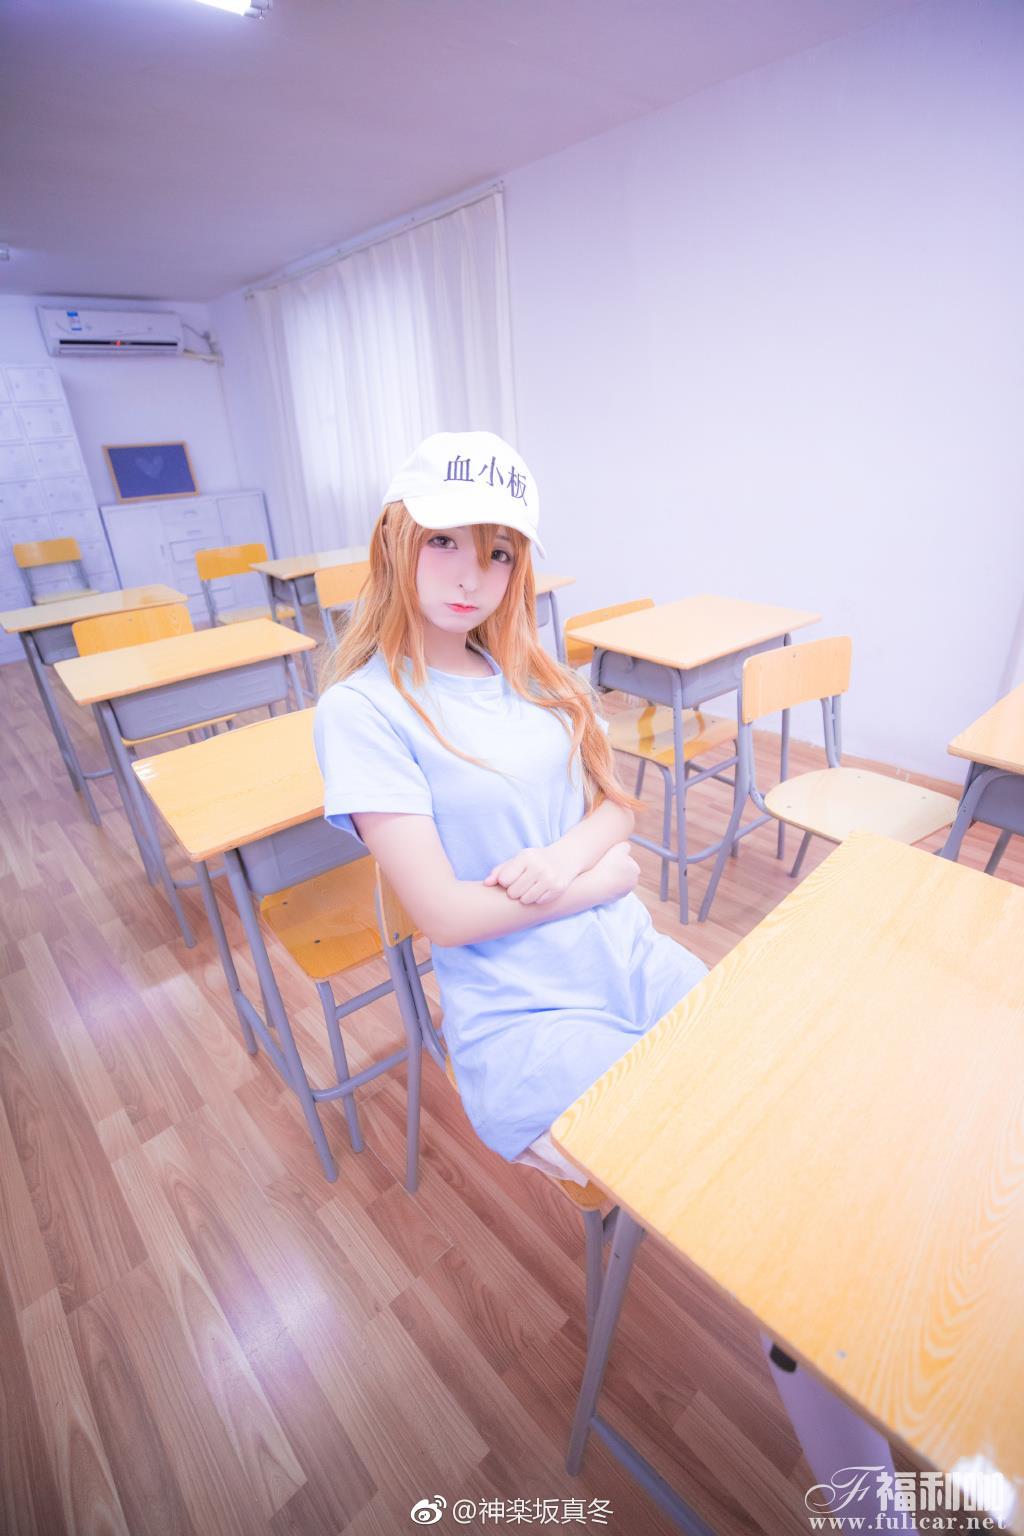 【妹子图】今日妹子–@神楽坂真冬